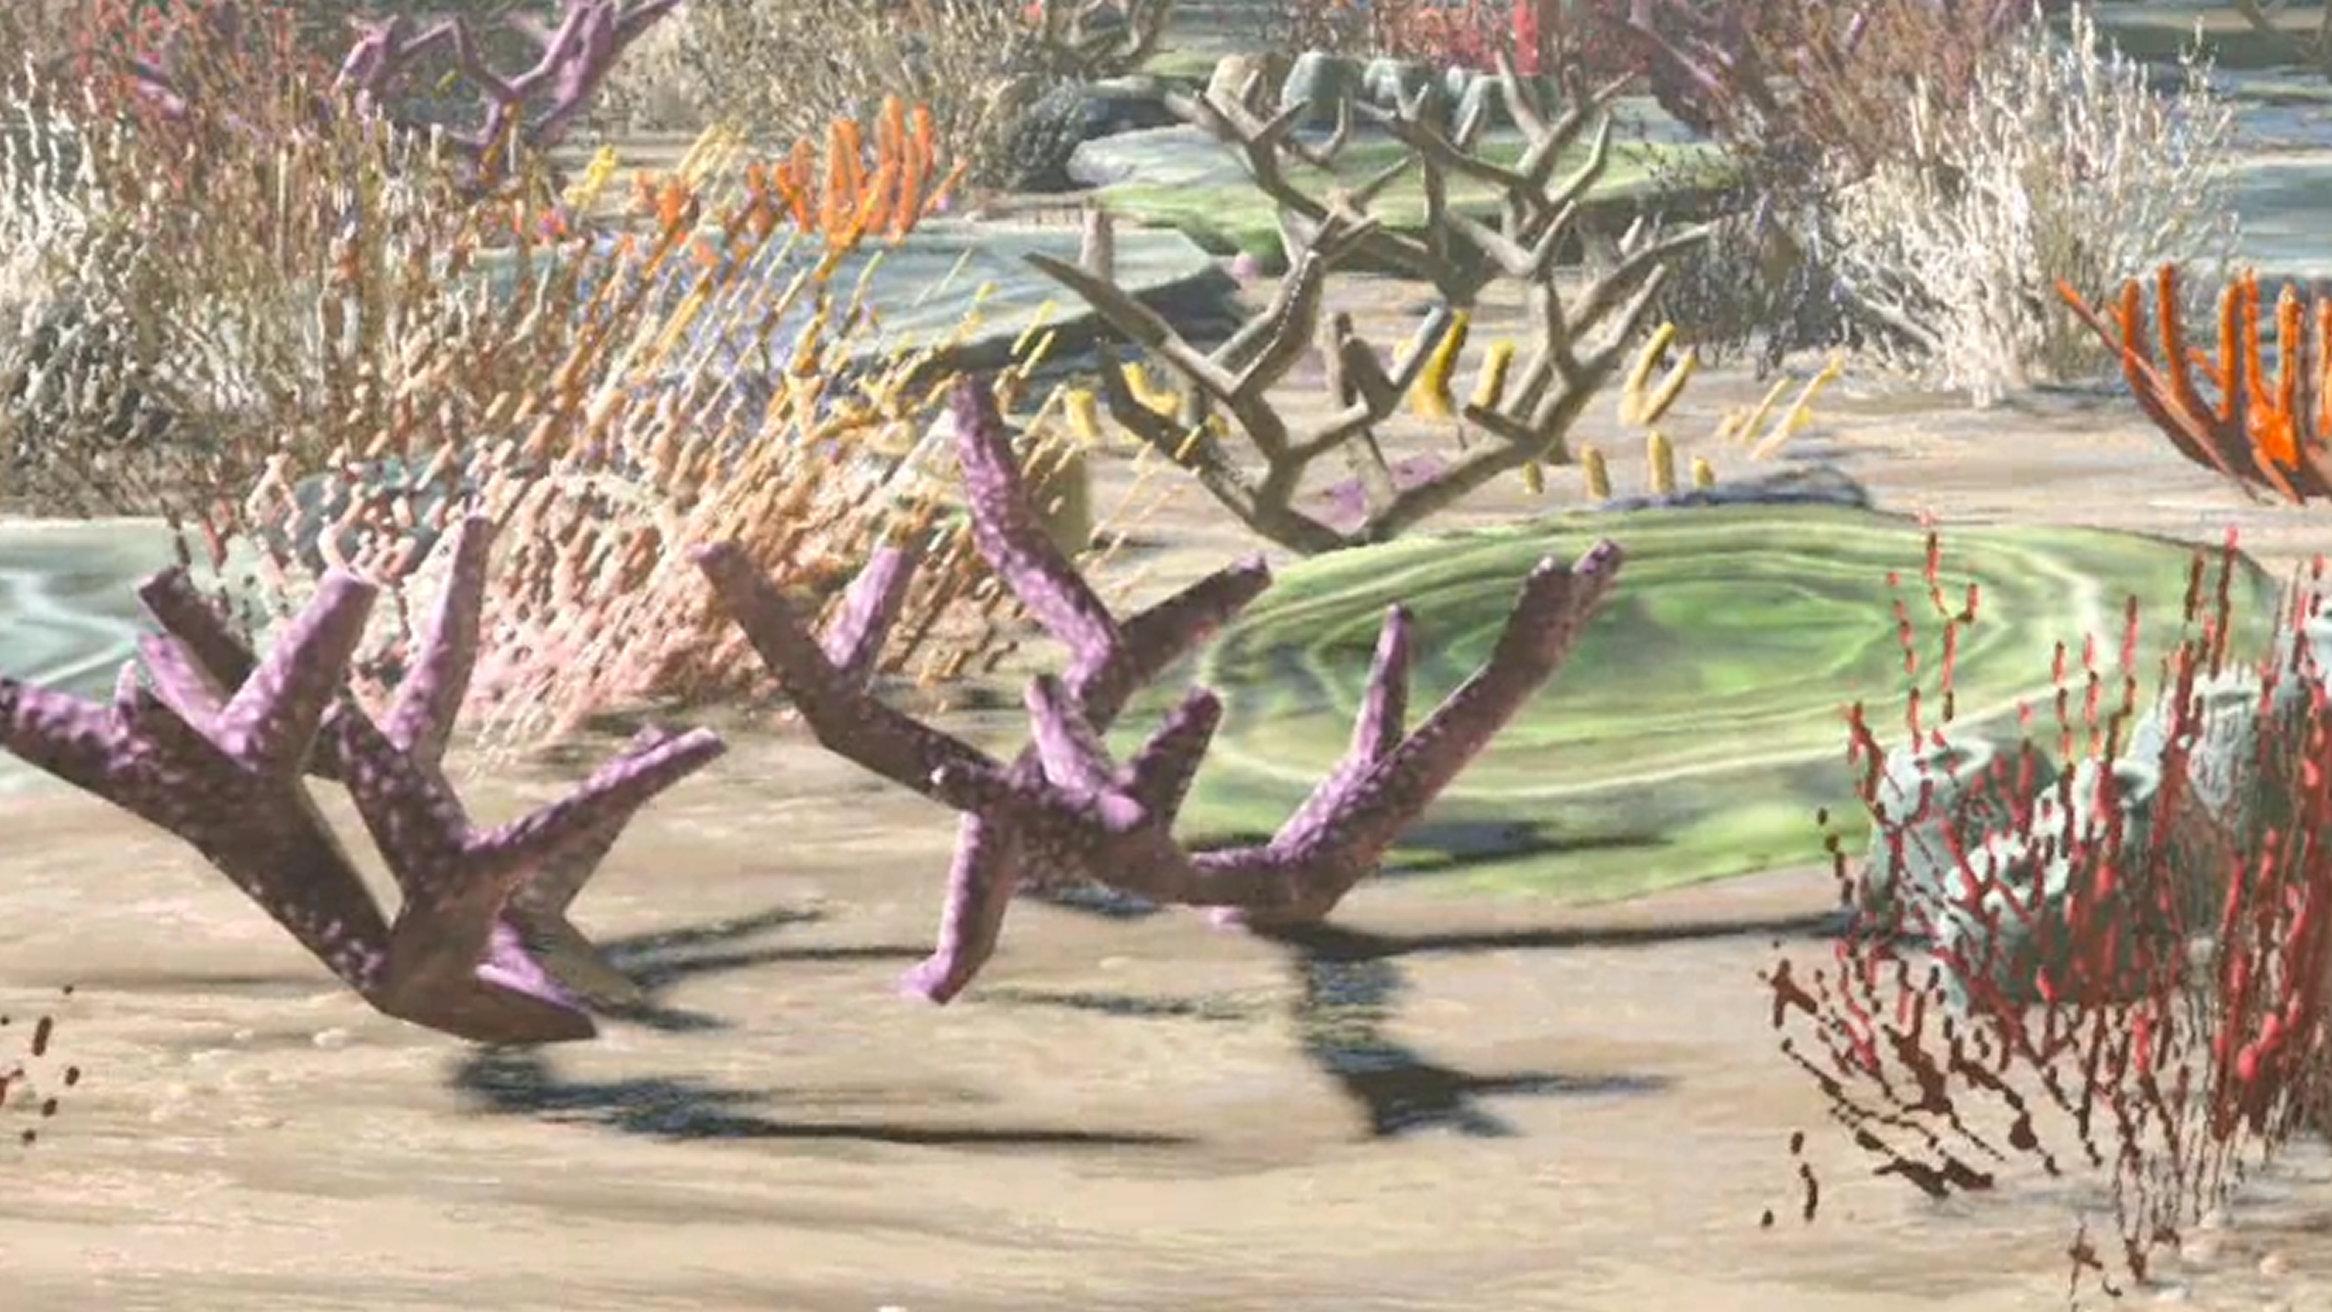 ゼルダの伝説 ブレス オブ ザ ワイルド、海の中のサンゴが綺麗